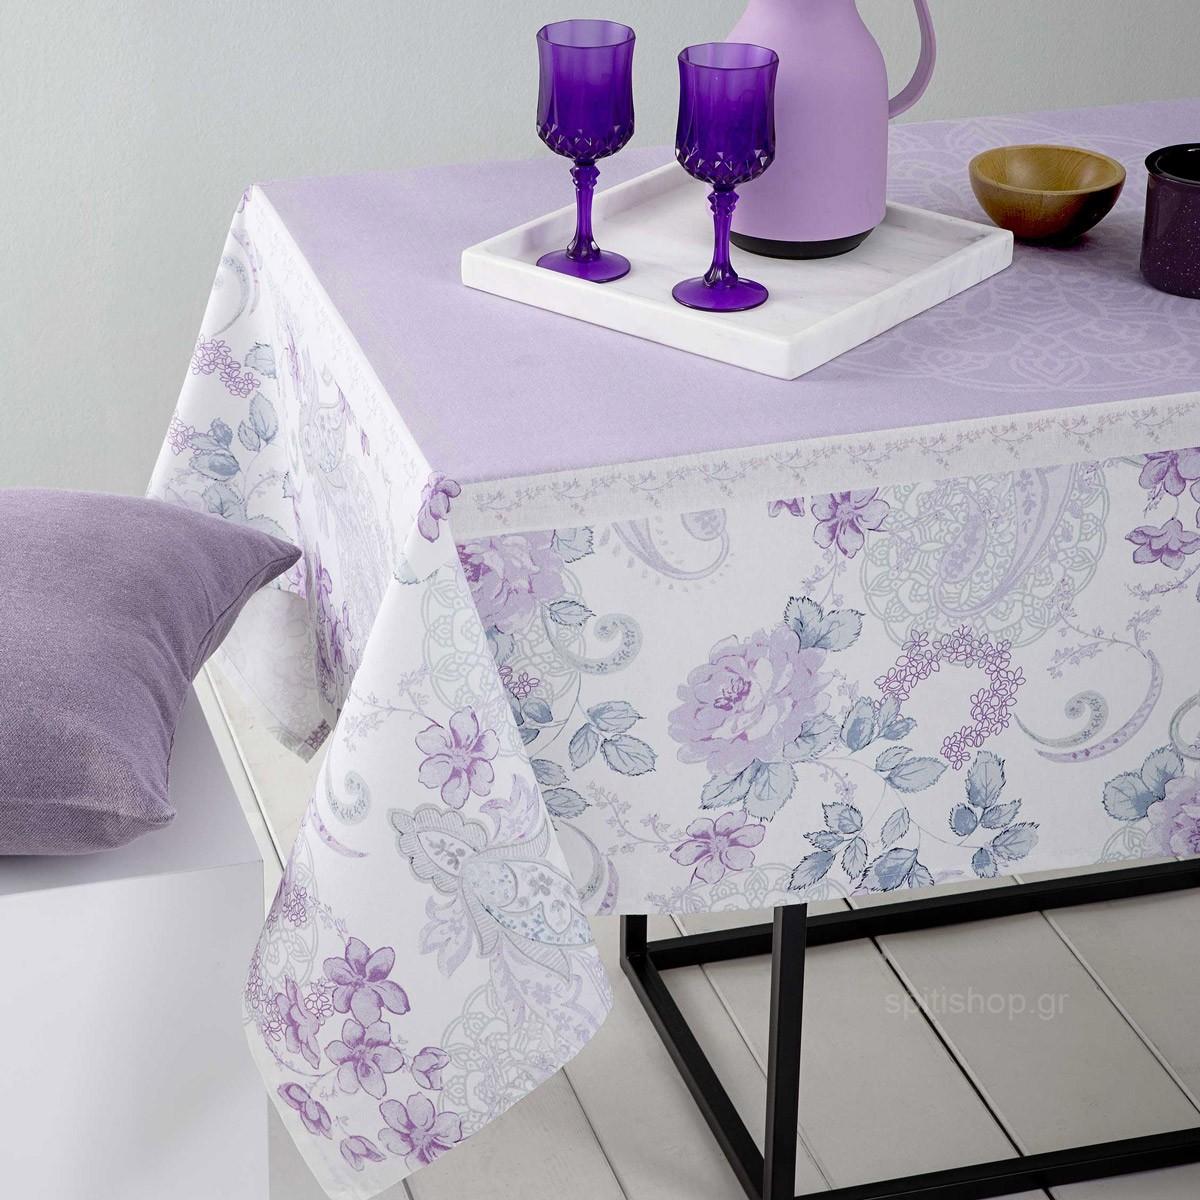 Τραπεζομάντηλο (140×140) Nima Table Linen Madessa